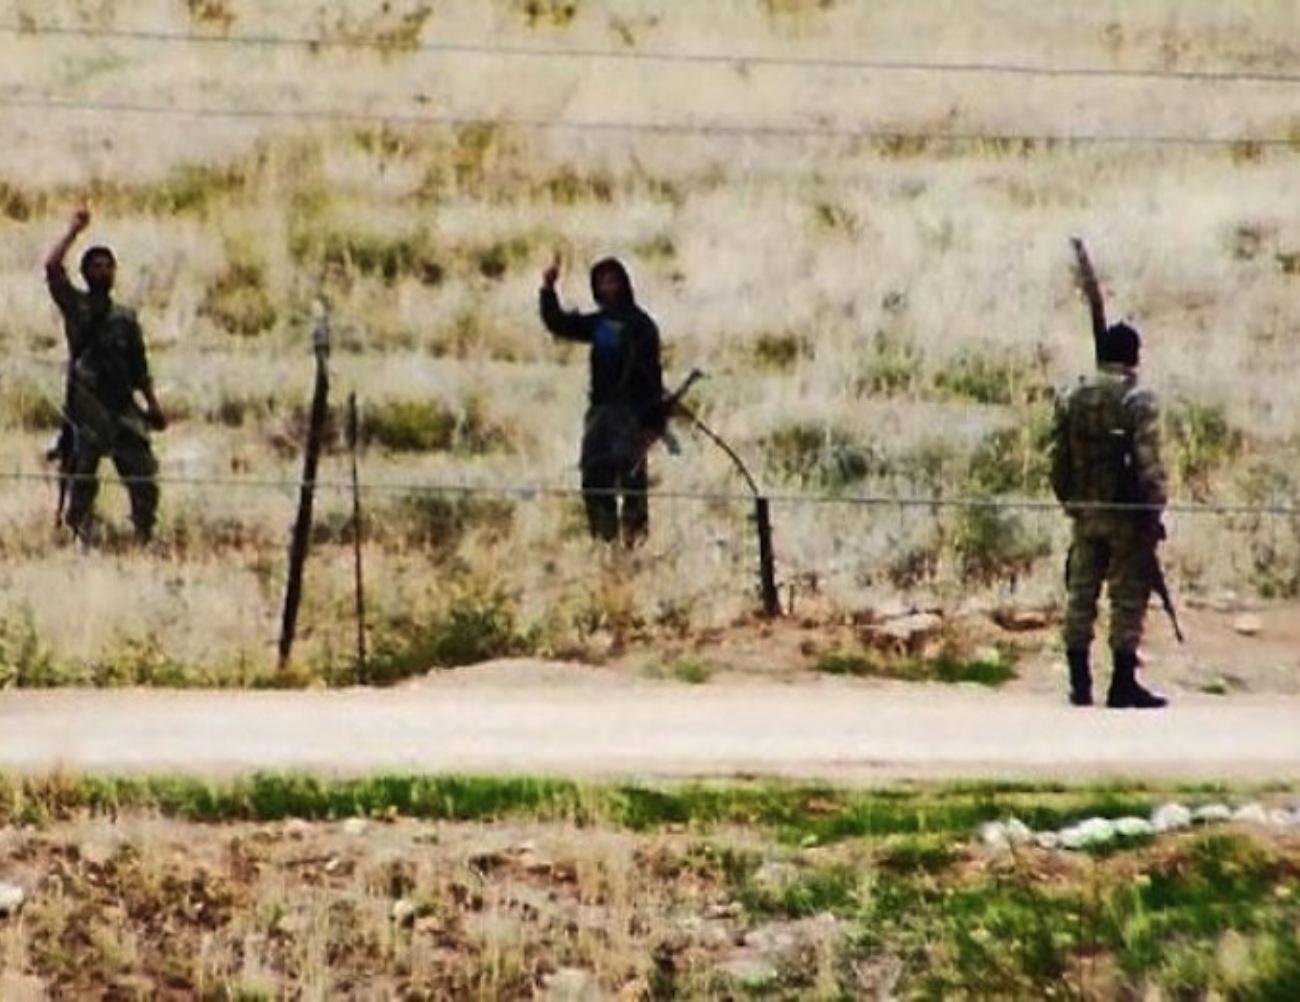 Sınırda IŞİD ile kirli yakınlaşmalar